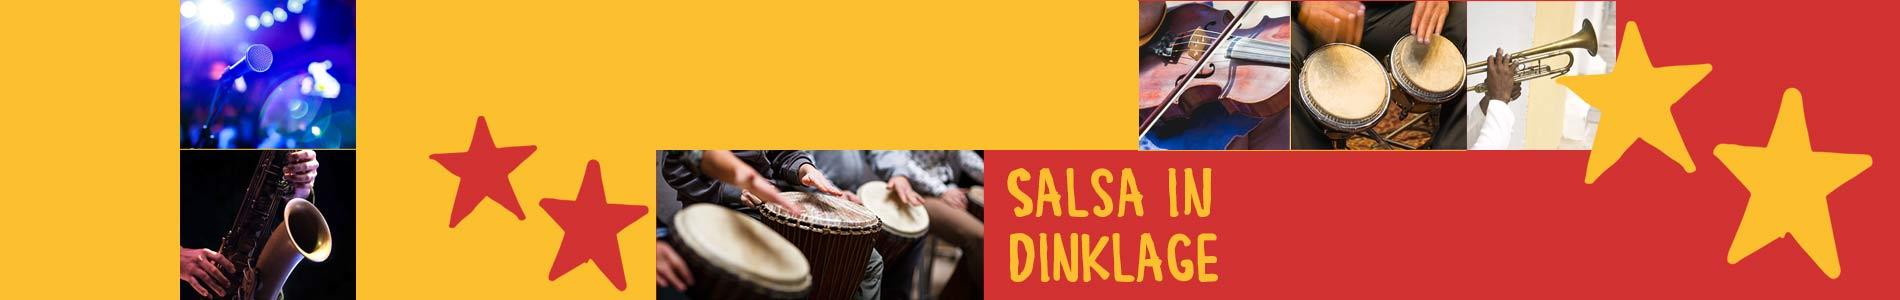 Salsa in Dinklage – Salsa lernen und tanzen, Tanzkurse, Partys, Veranstaltungen